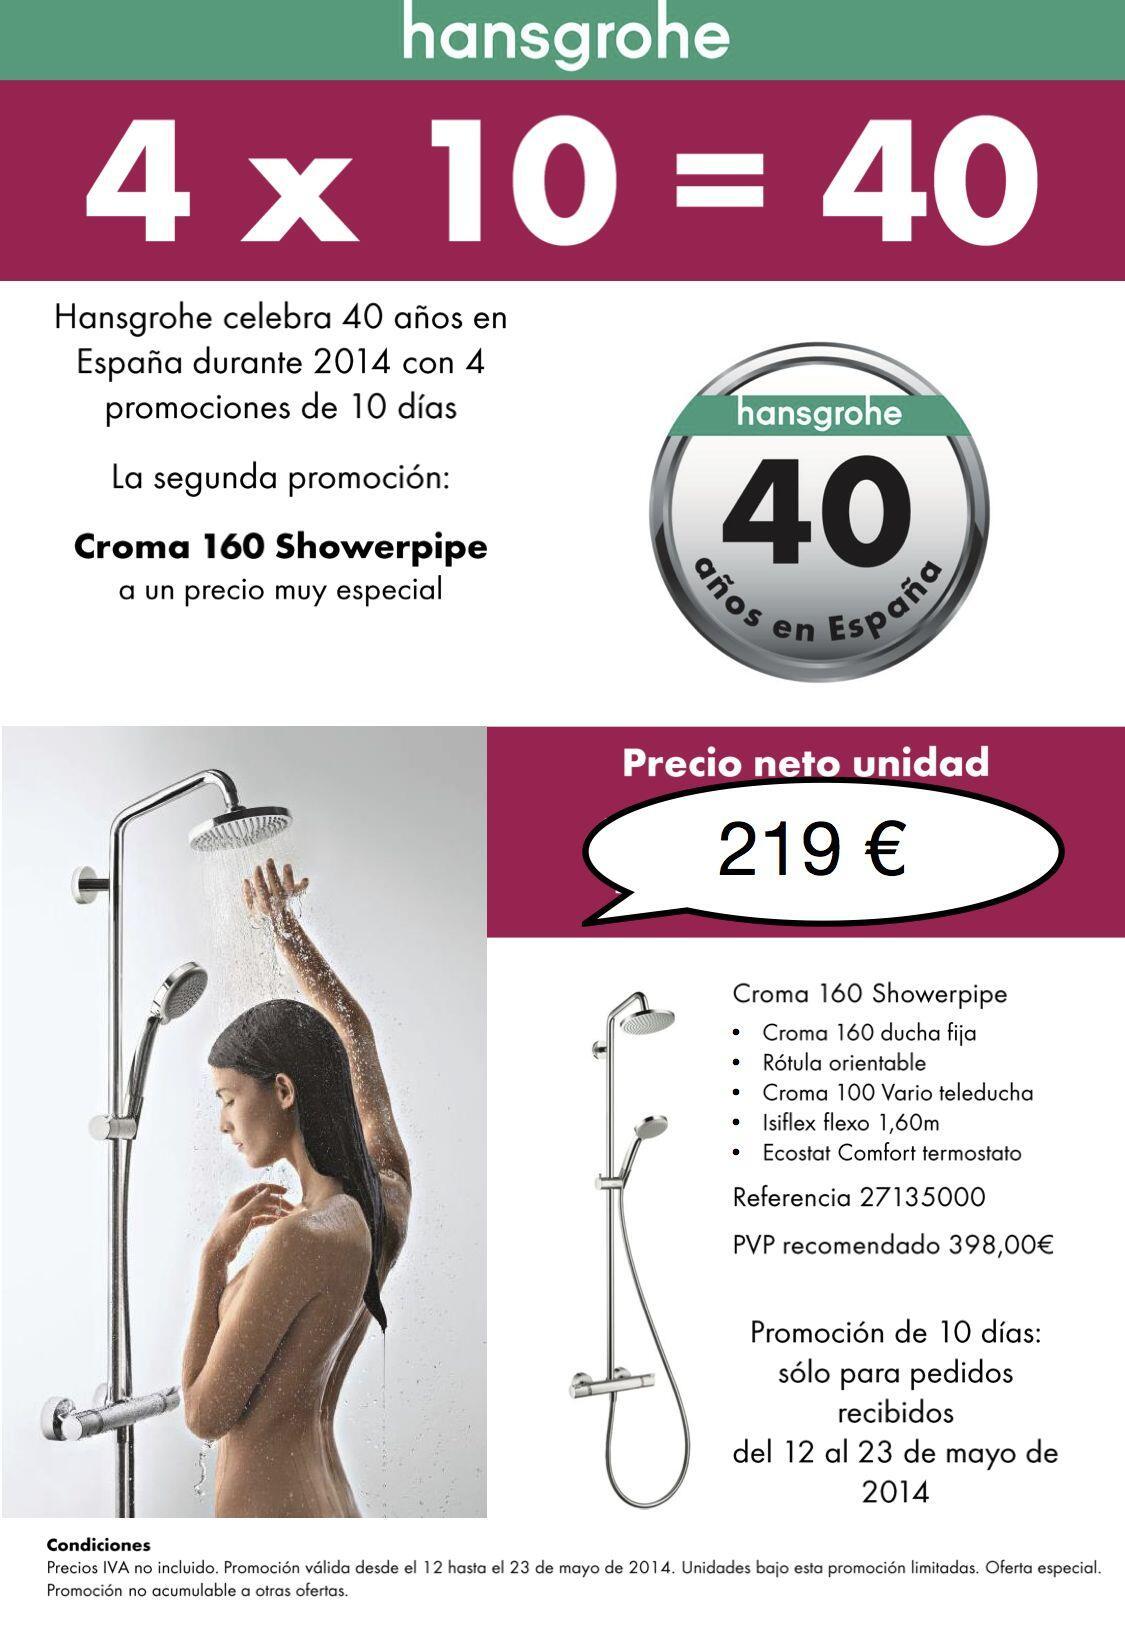 Sigue la fiesta de Hansgrohe 40 aniversario. Nueva promoción hasta el 23 de Mayoi http://t.co/rN21oK9d84